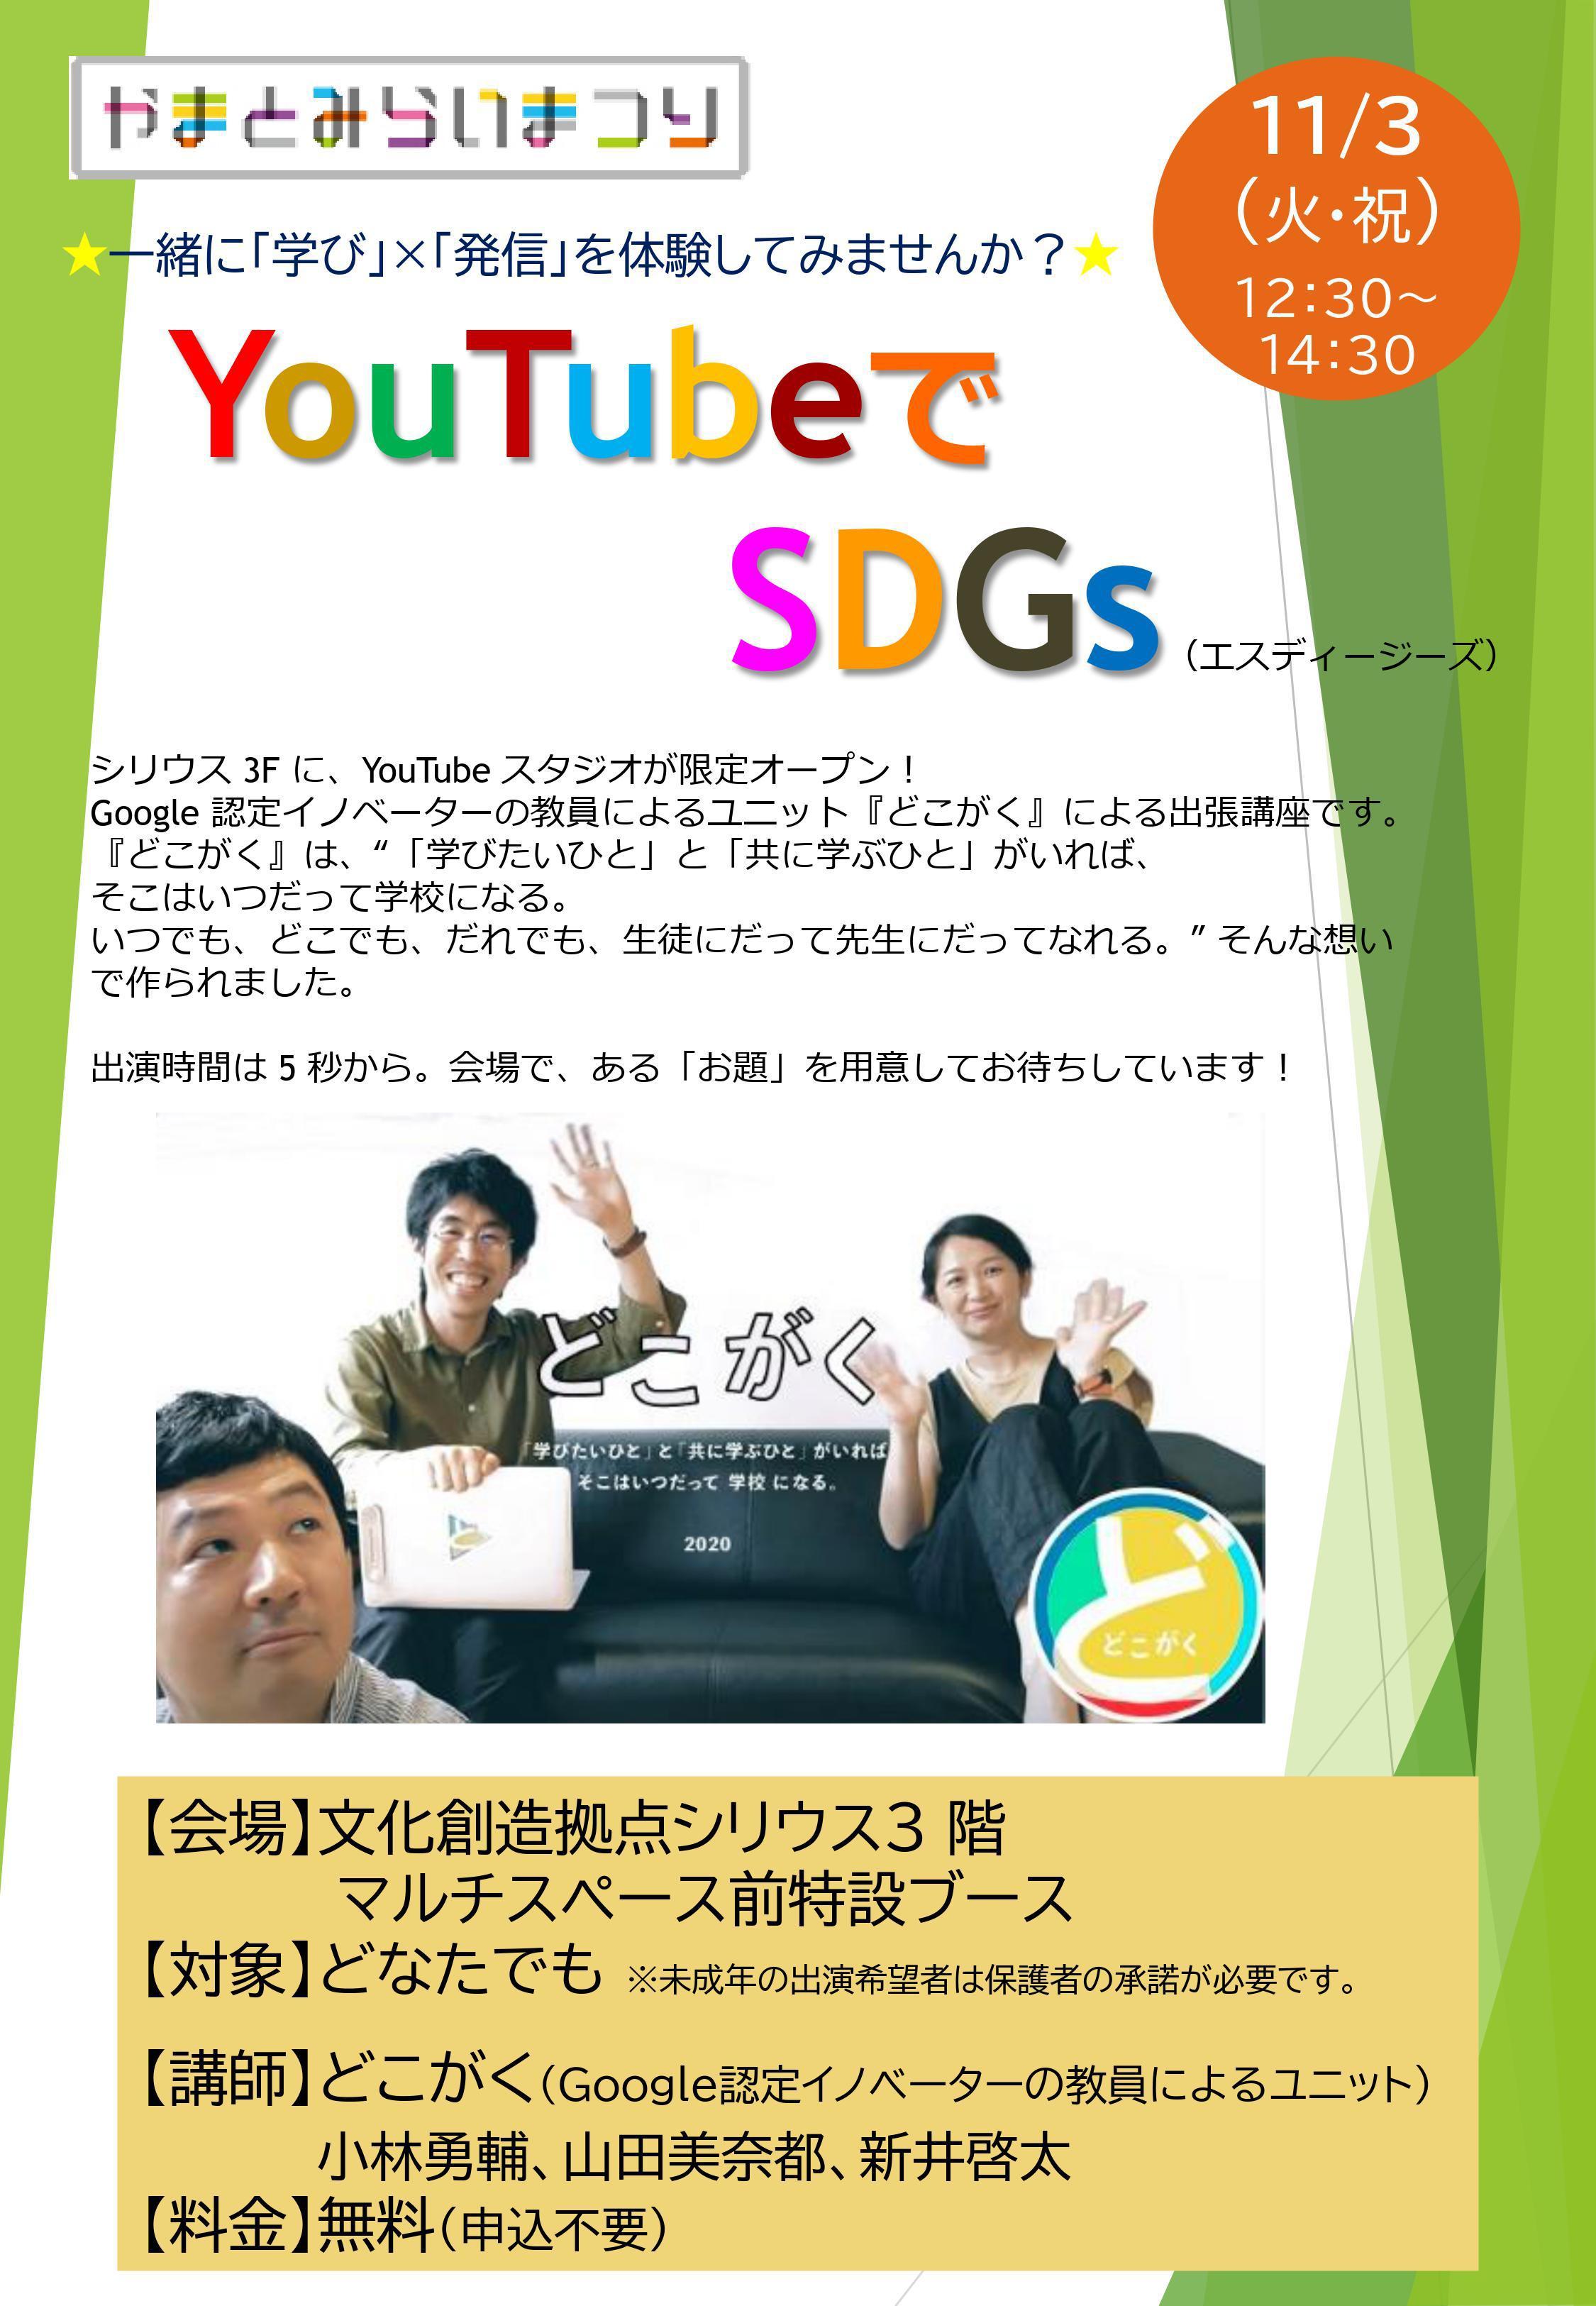 <やまとみらいまつり>YouTubeでSDGs